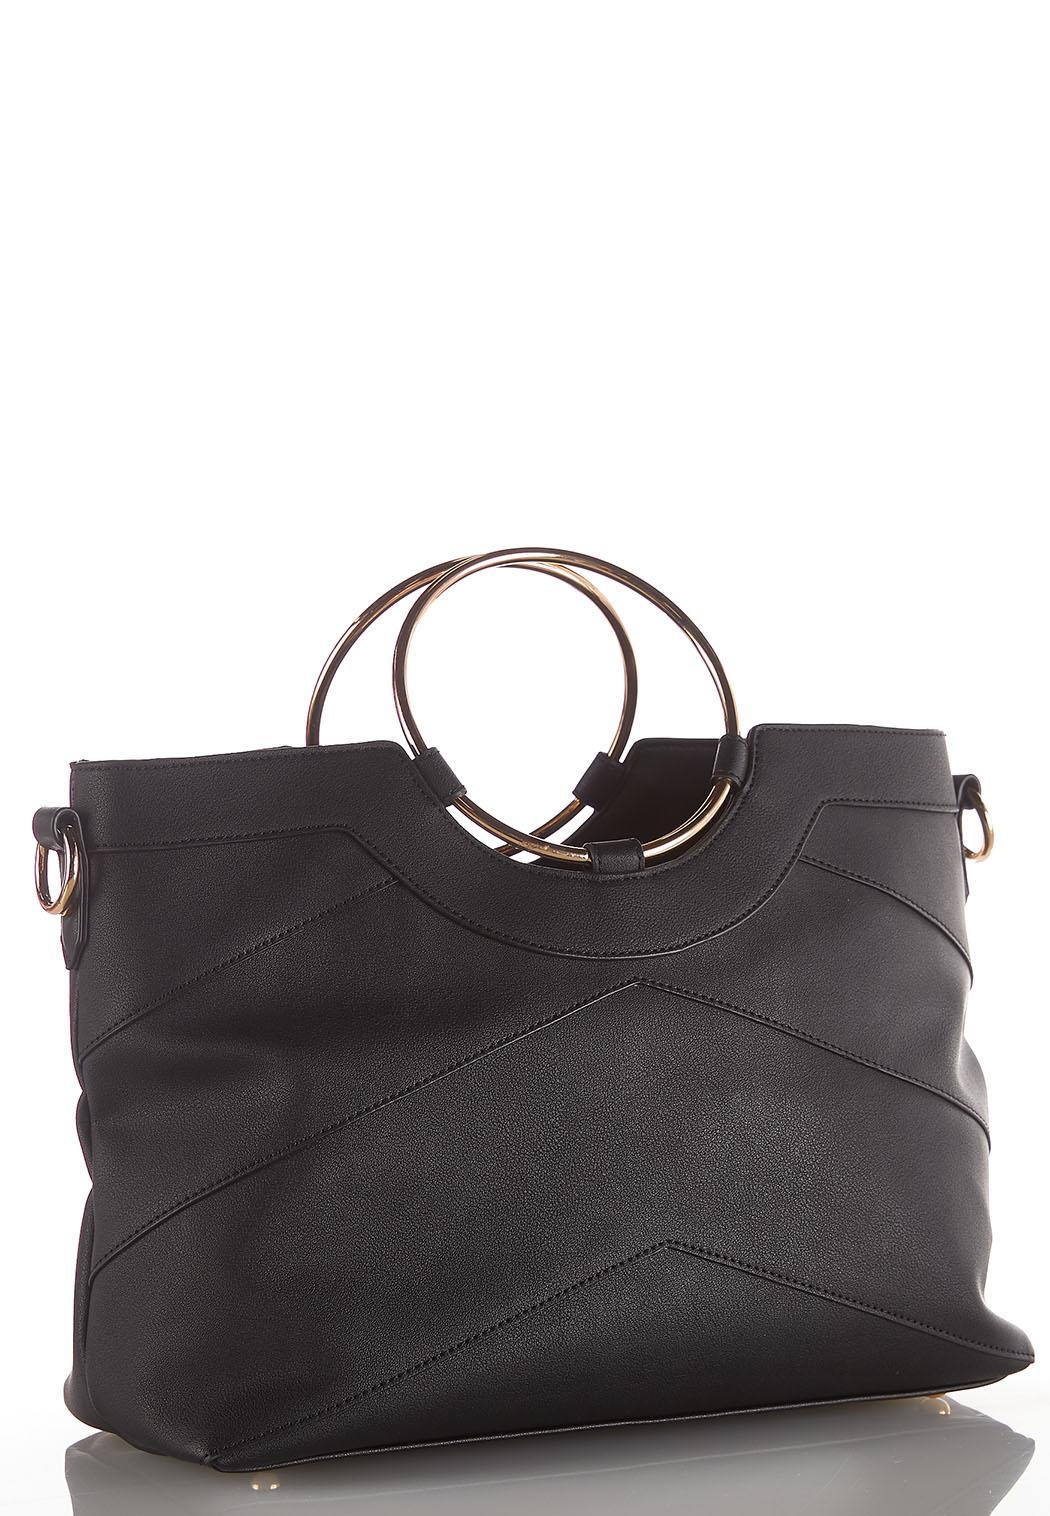 Ring Handle Seamed Handbag